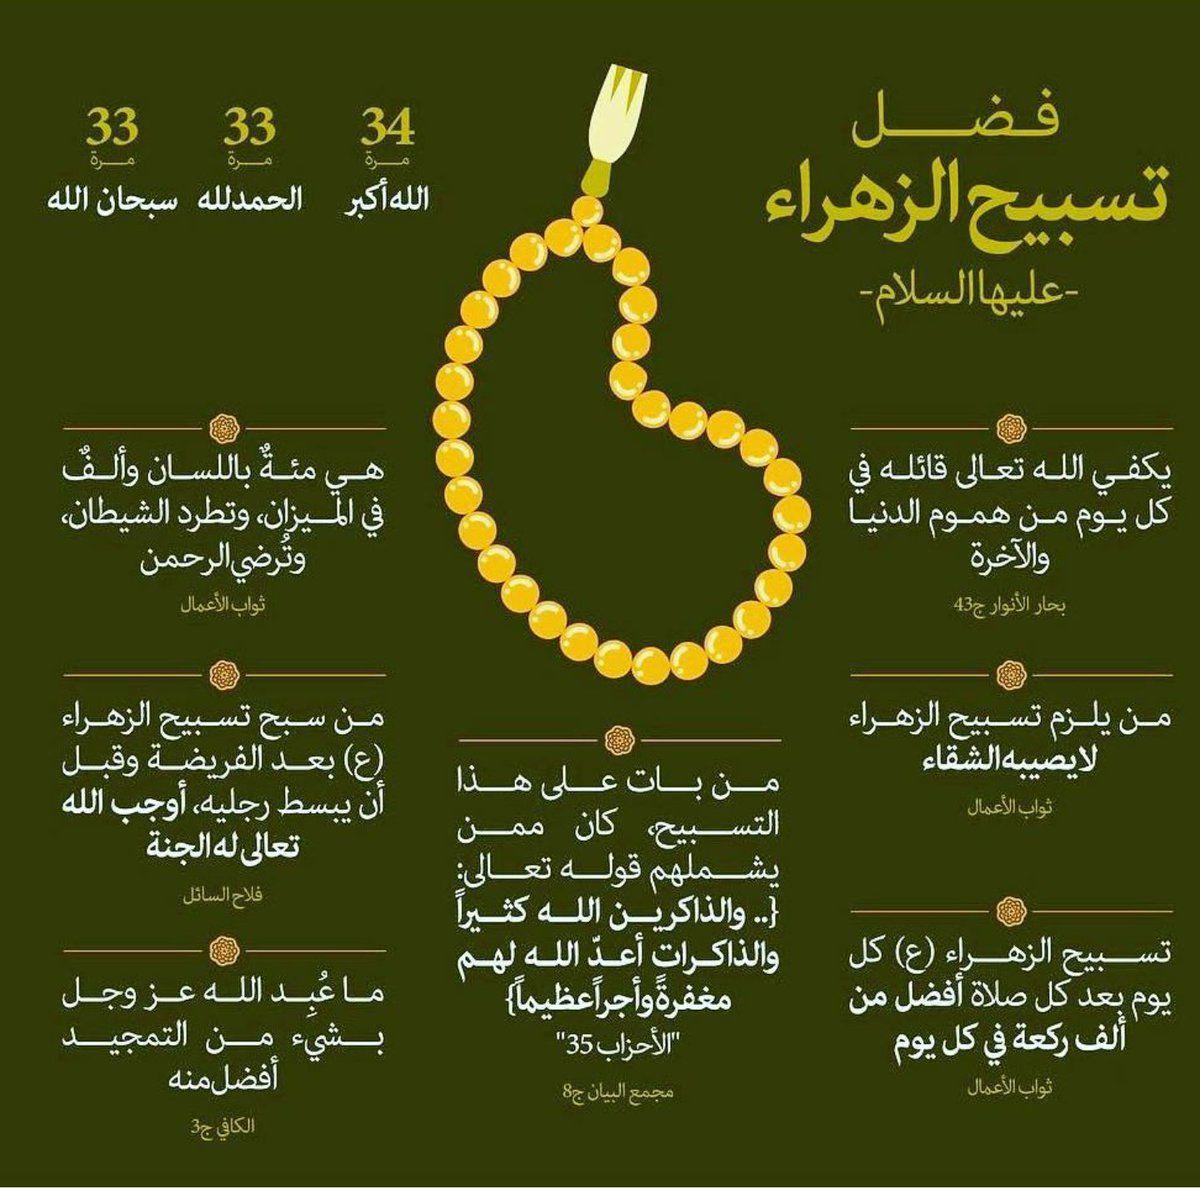 فضل تسبيح الزهراء عليها السلام Art Wallpaper Iphone Peace Of Mind Inspirational Quotes